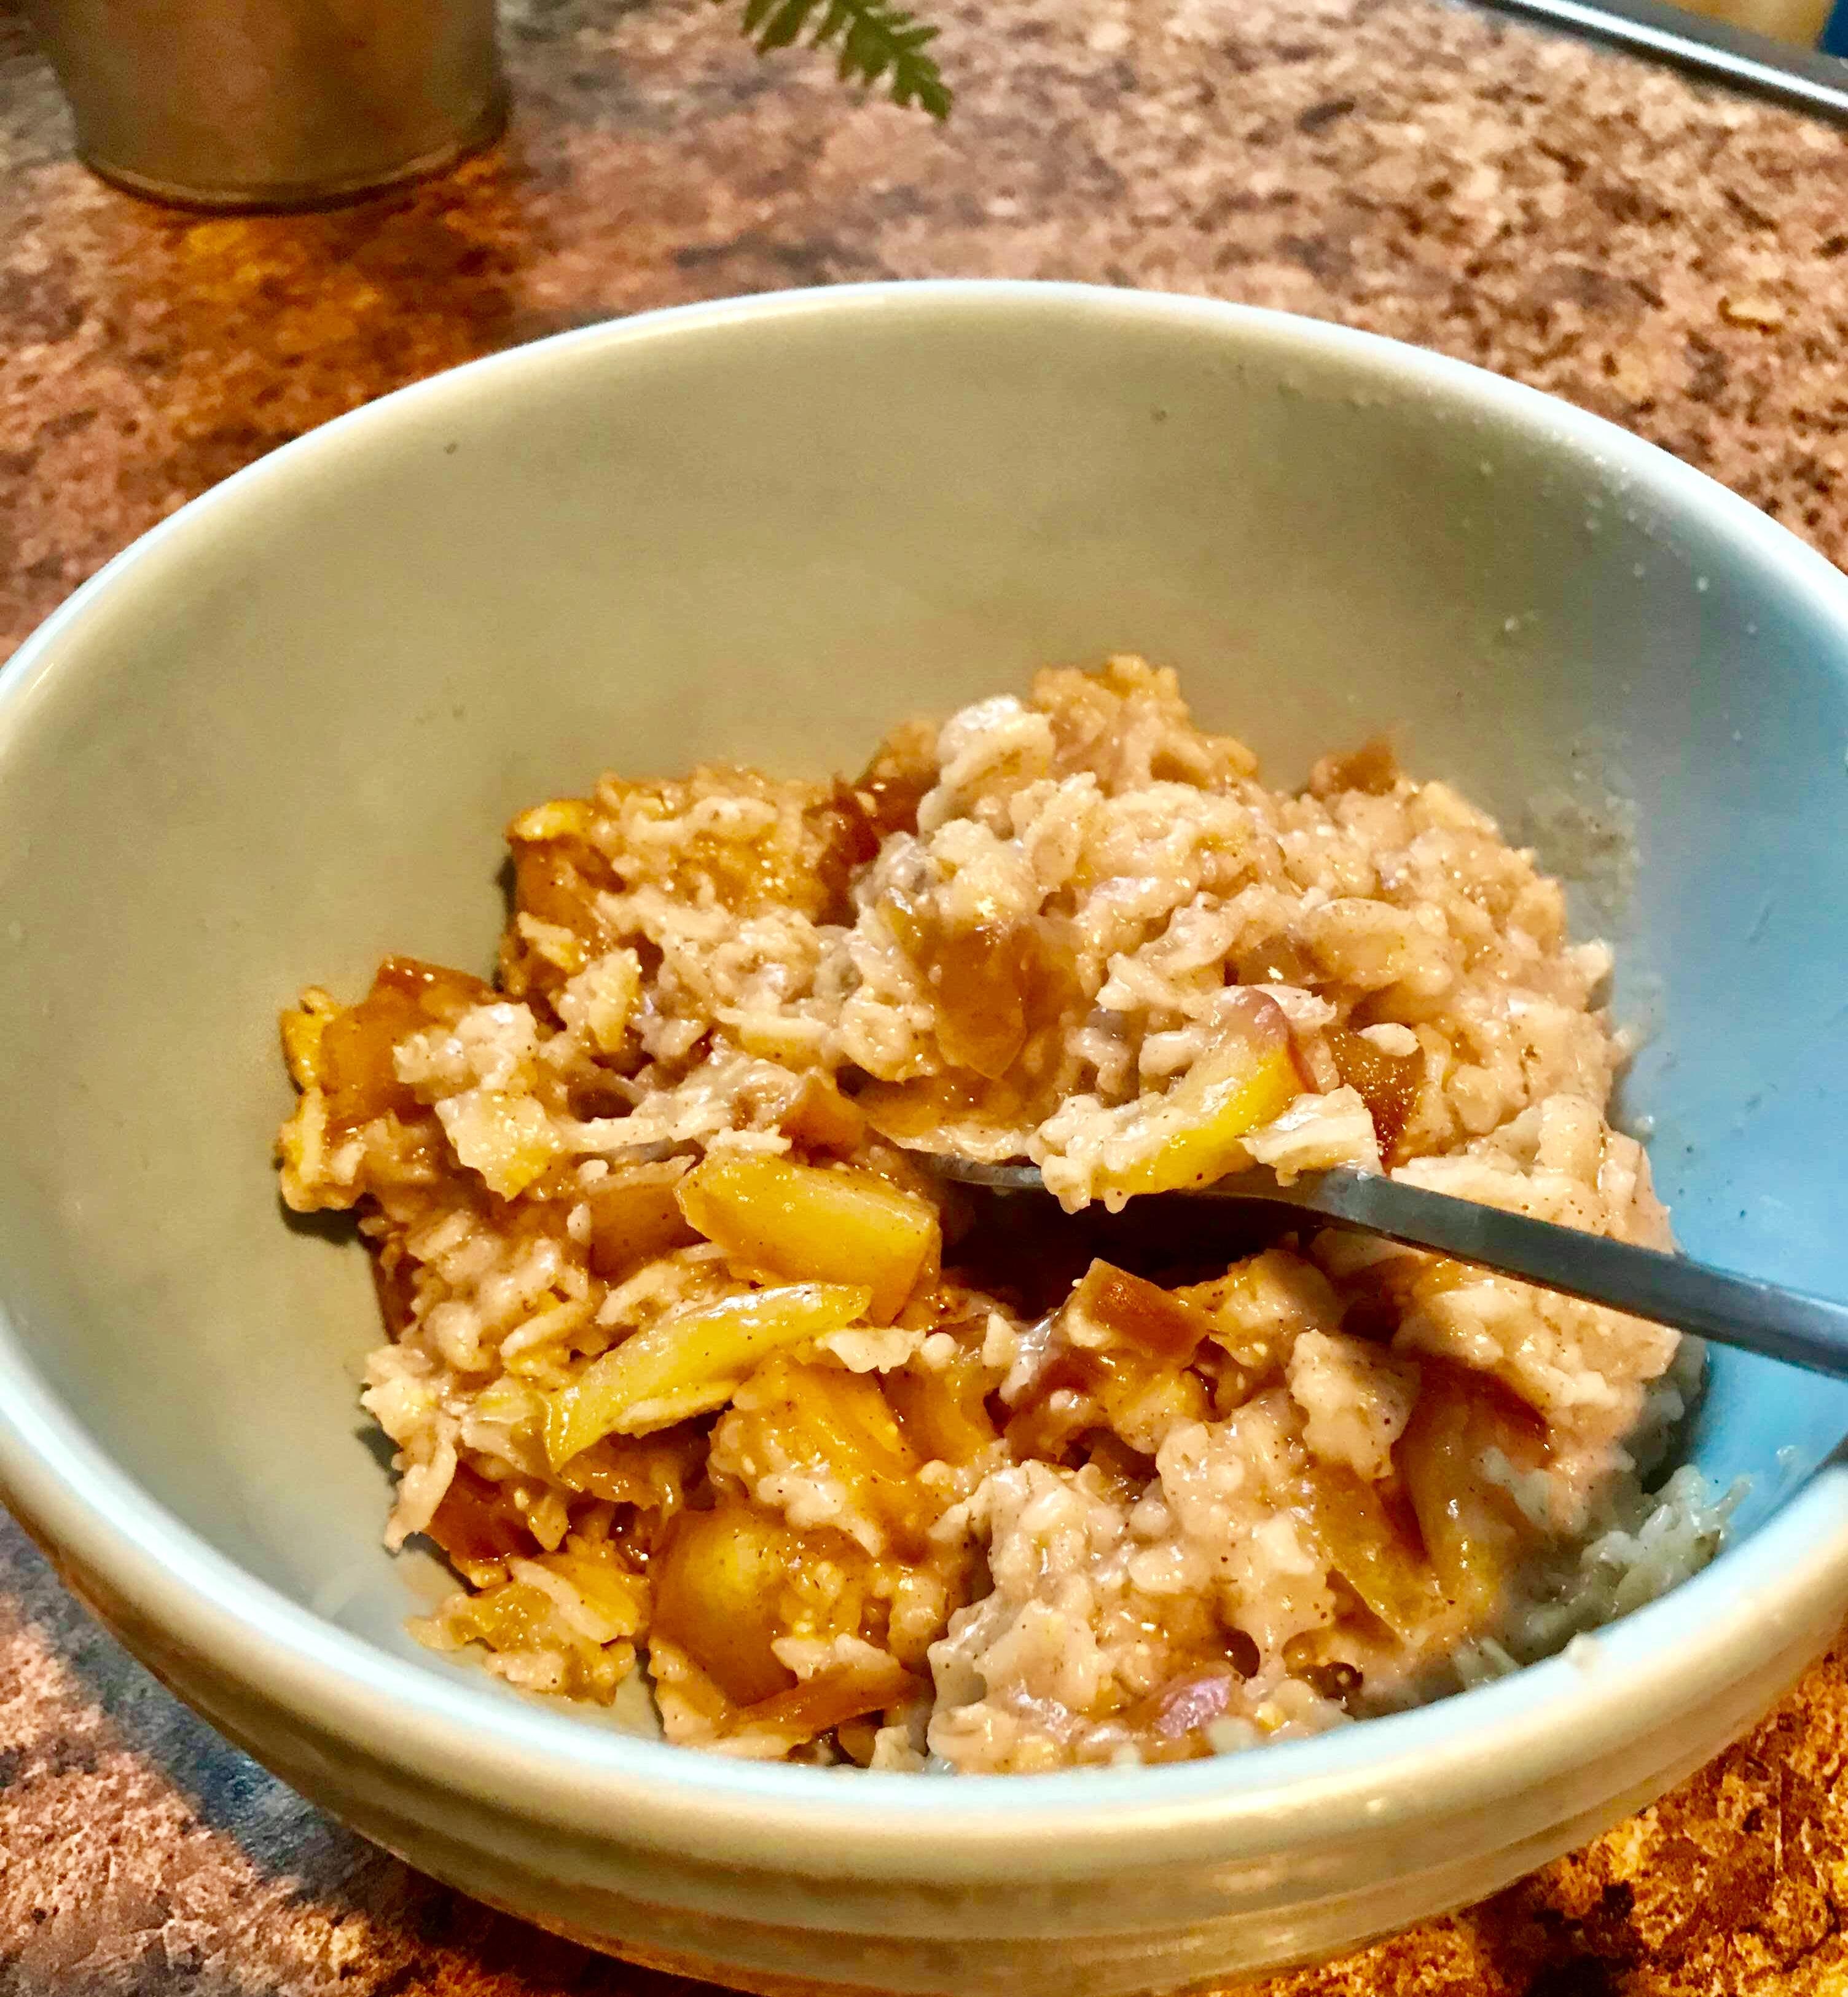 Cinnamon-Apple Spelt Breakfast Cereal